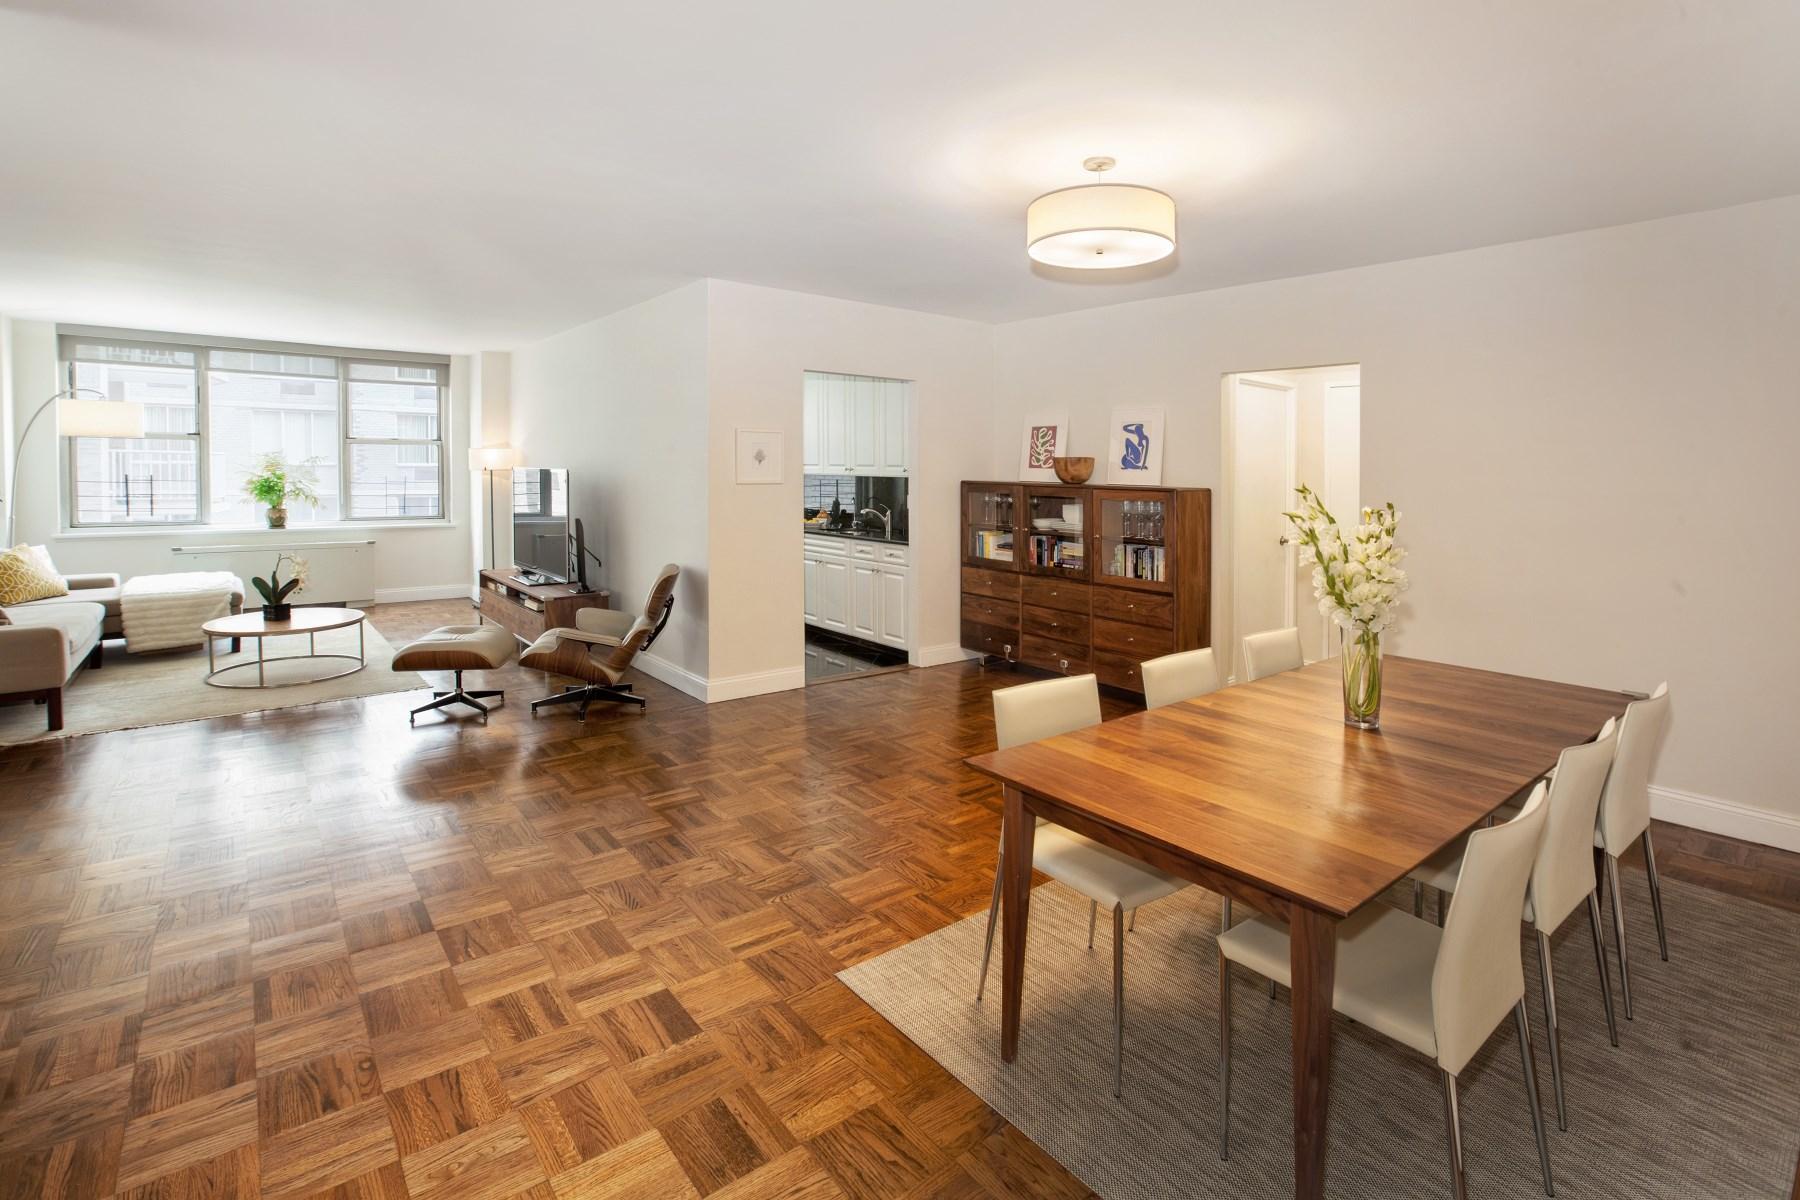 Кооперативная квартира для того Продажа на Lenox Hill 2-bedroom Doorman Condo 250 East 65th Street Apt 10C Upper East Side, New York, Нью-Йорк, 10065 Соединенные Штаты